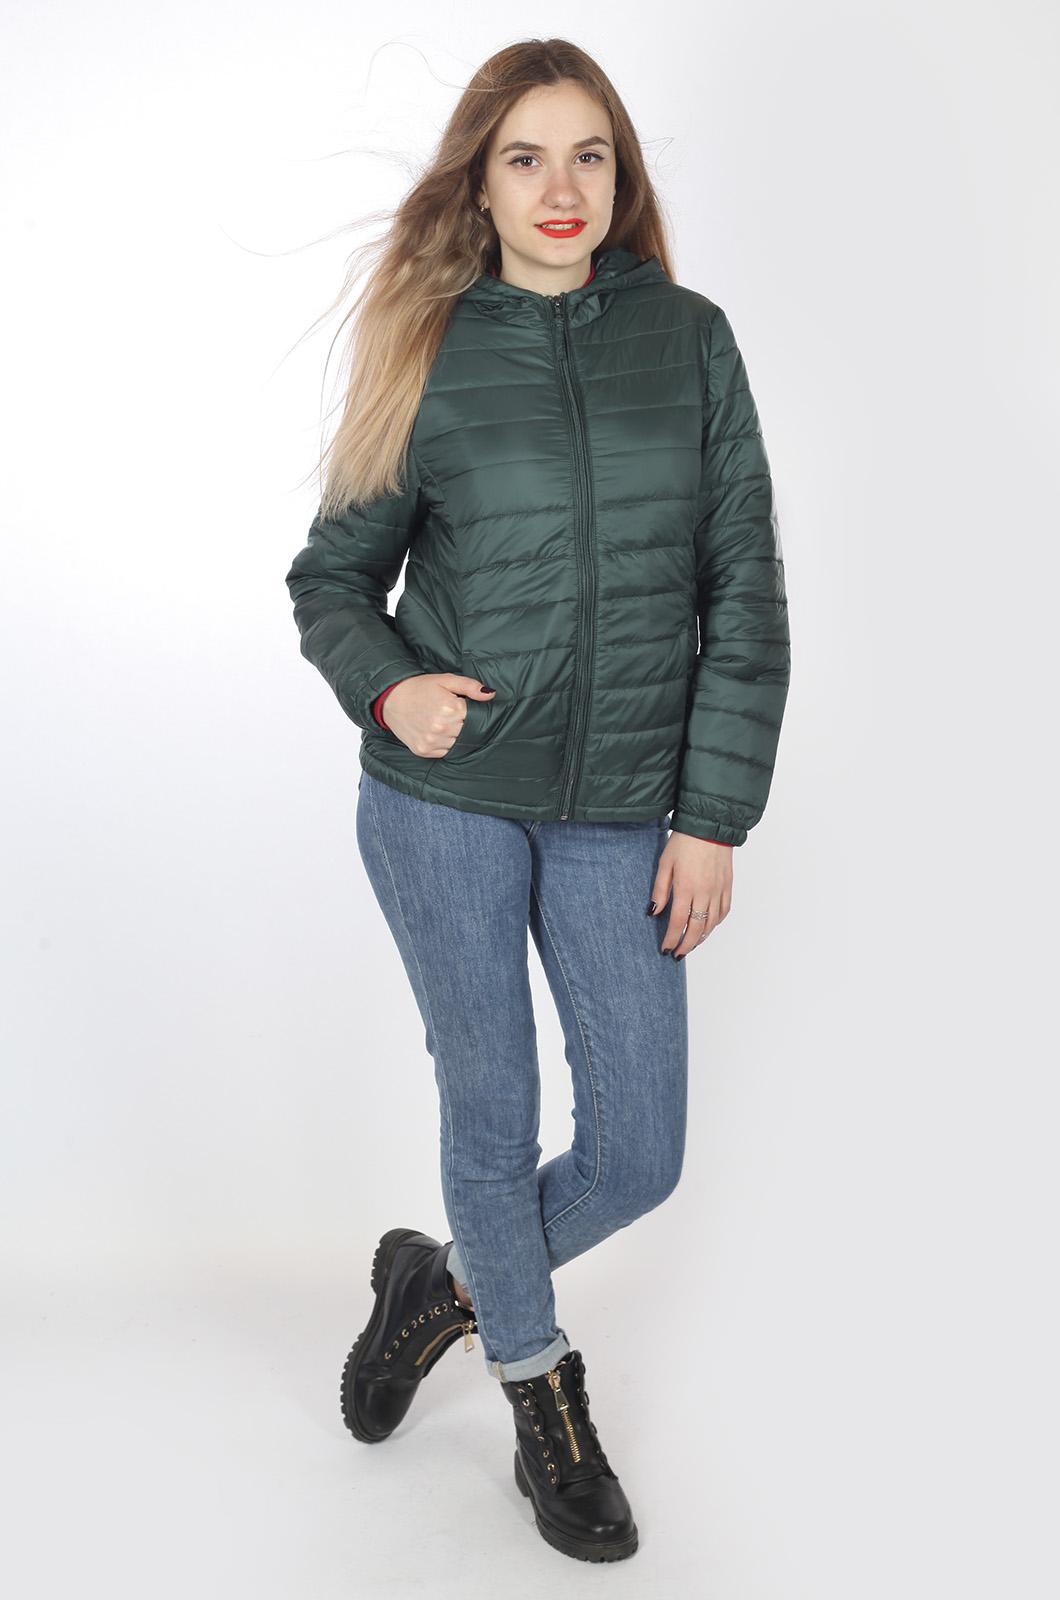 Курточка болотного цвета – из новой брендовой коллекции